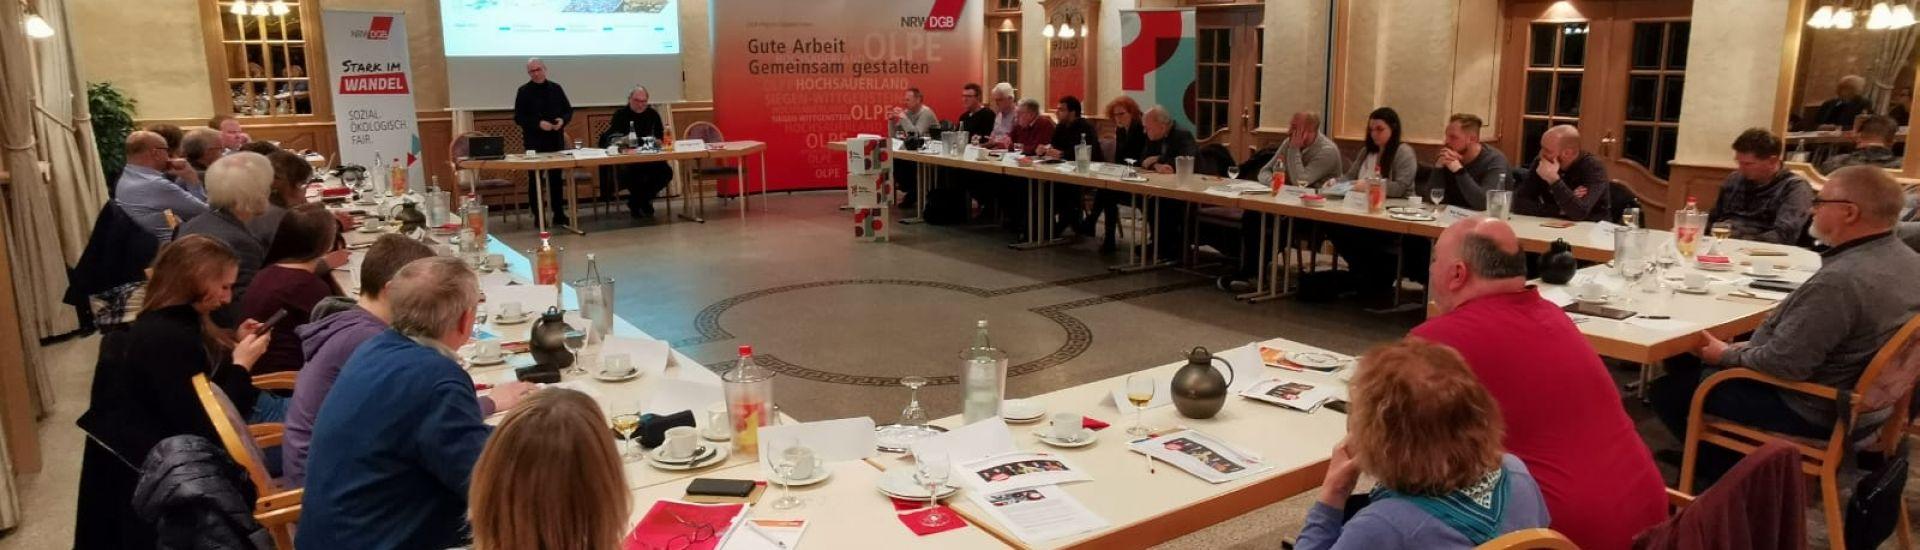 Bild zu Regionalkonferenz der DGB-Region Südwestfalen in Olpe-Oberveischede